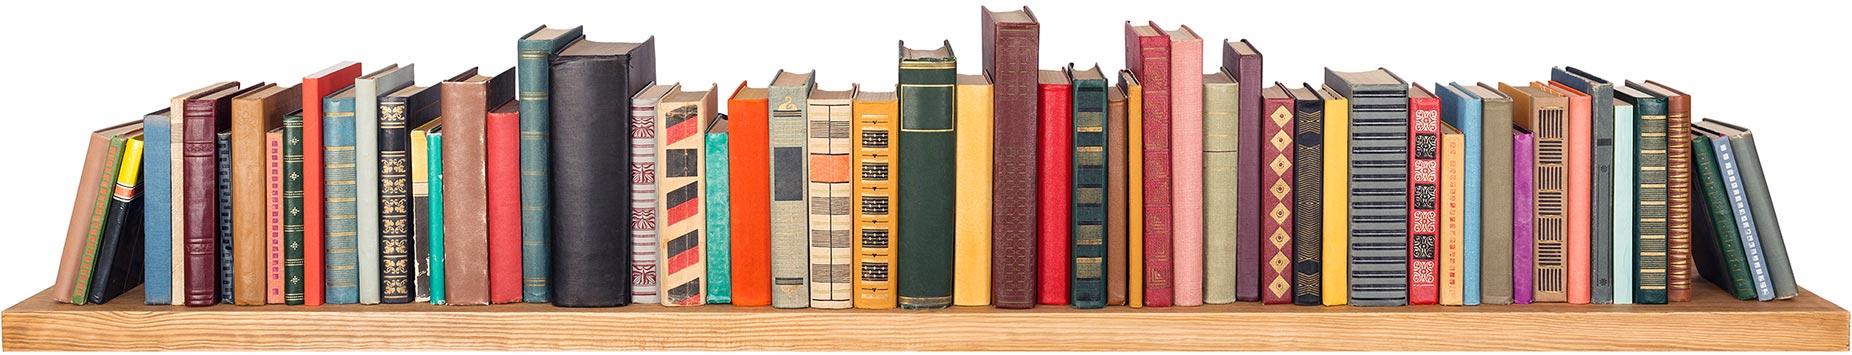 étagère en bois avec des livres